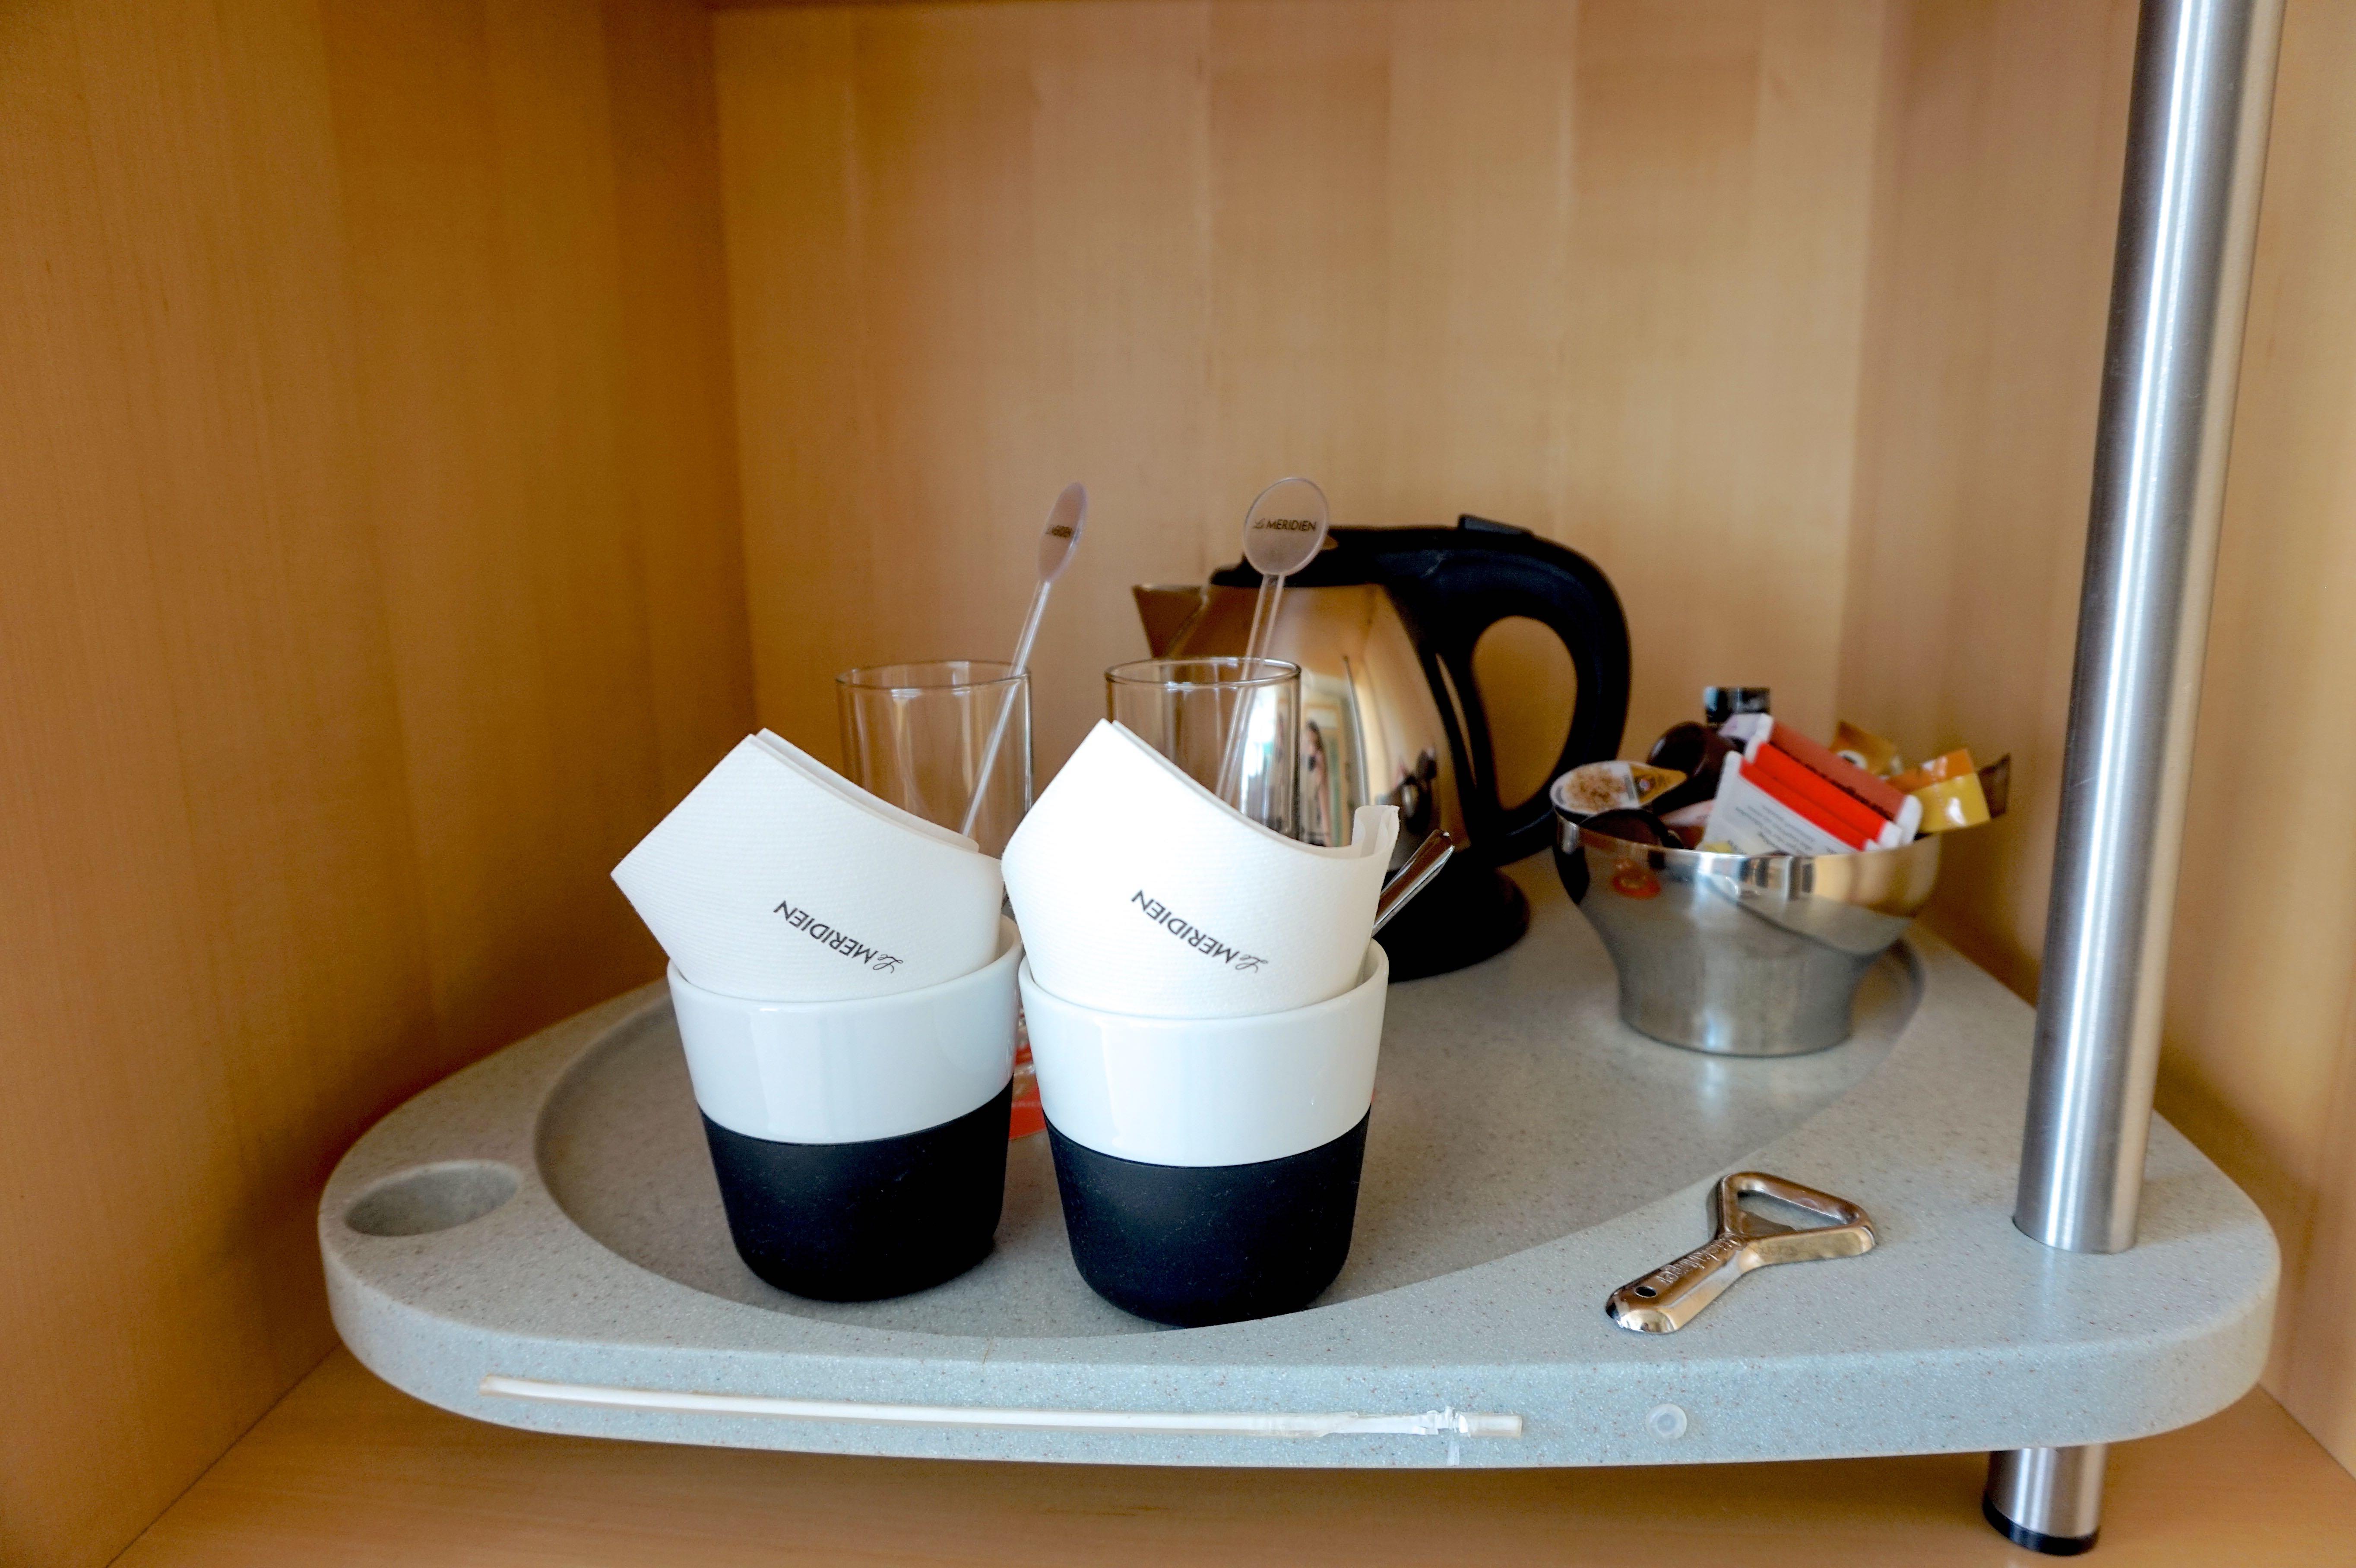 Le Meridien Vienna room service